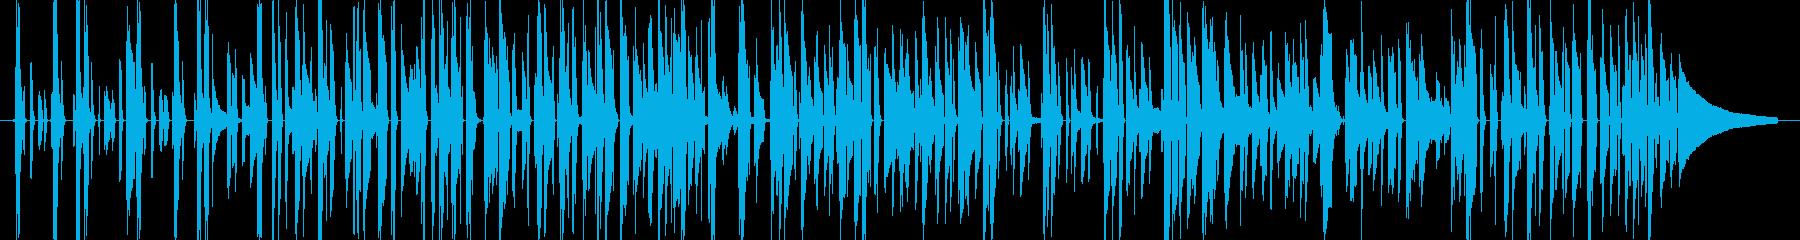 かっちりタイトに決めるベース&ピアノの再生済みの波形